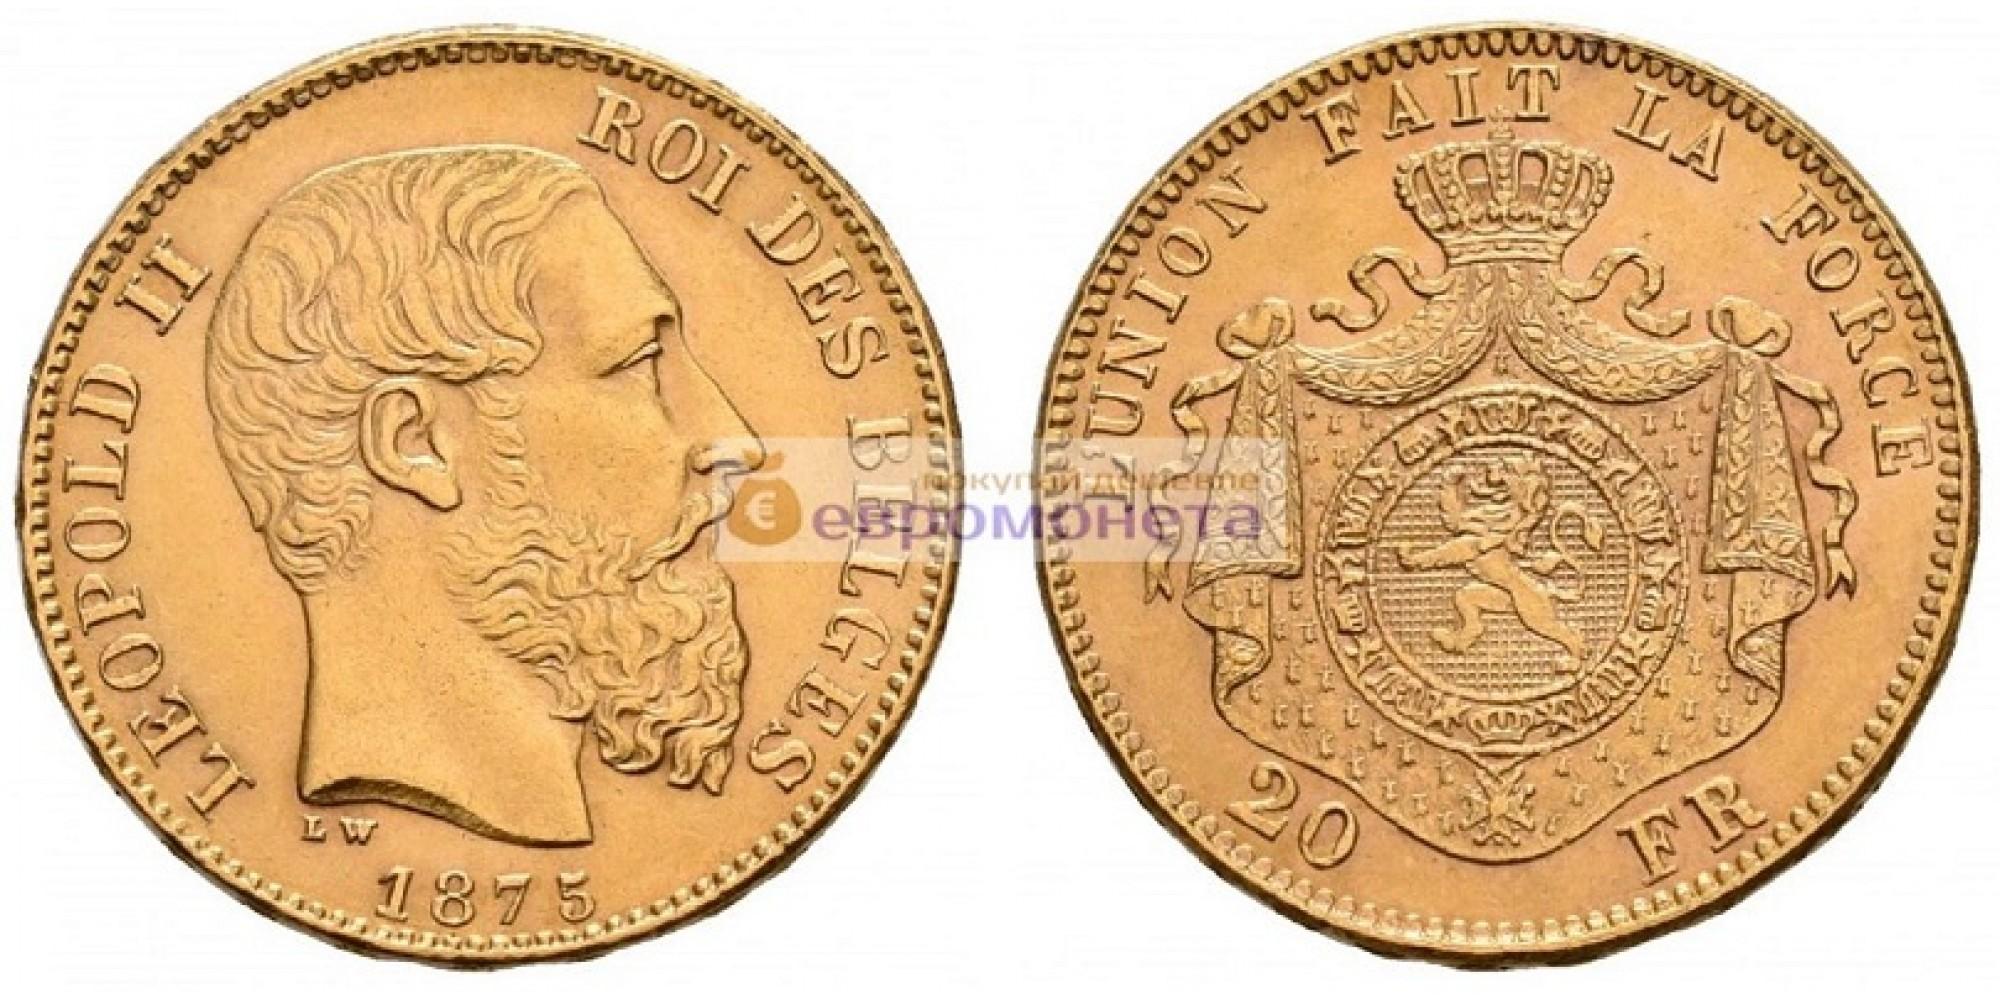 Бельгия 20 франков 1875 год. Король Леопольд II. Золото. UNC / АЦ